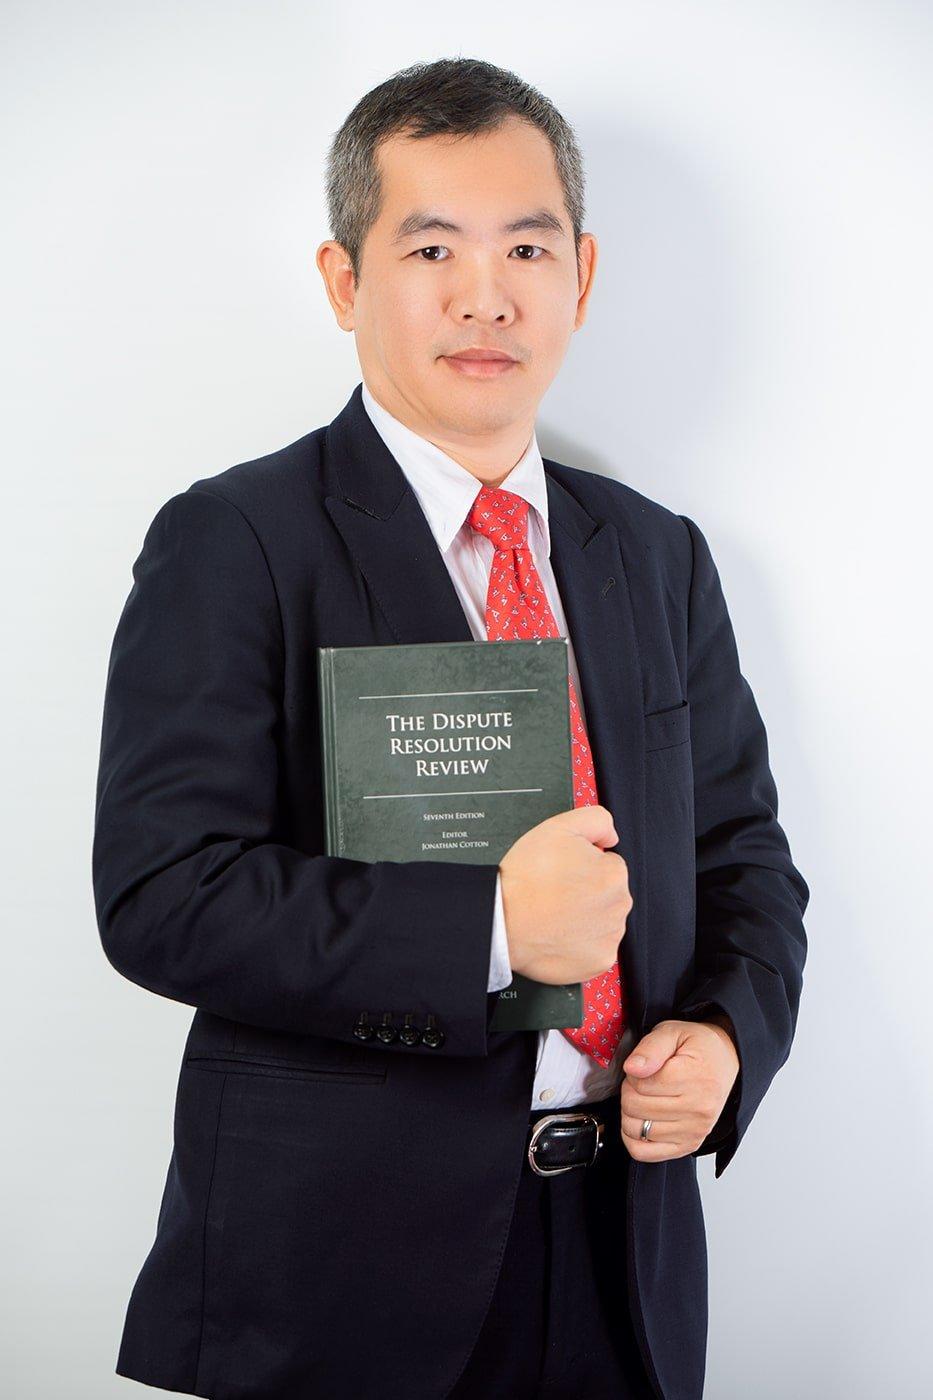 Profile cong ty 8 - Studio chụp ảnh thương hiệu cá nhân đẹp, chuyên nghiệp tại Tp.HCM